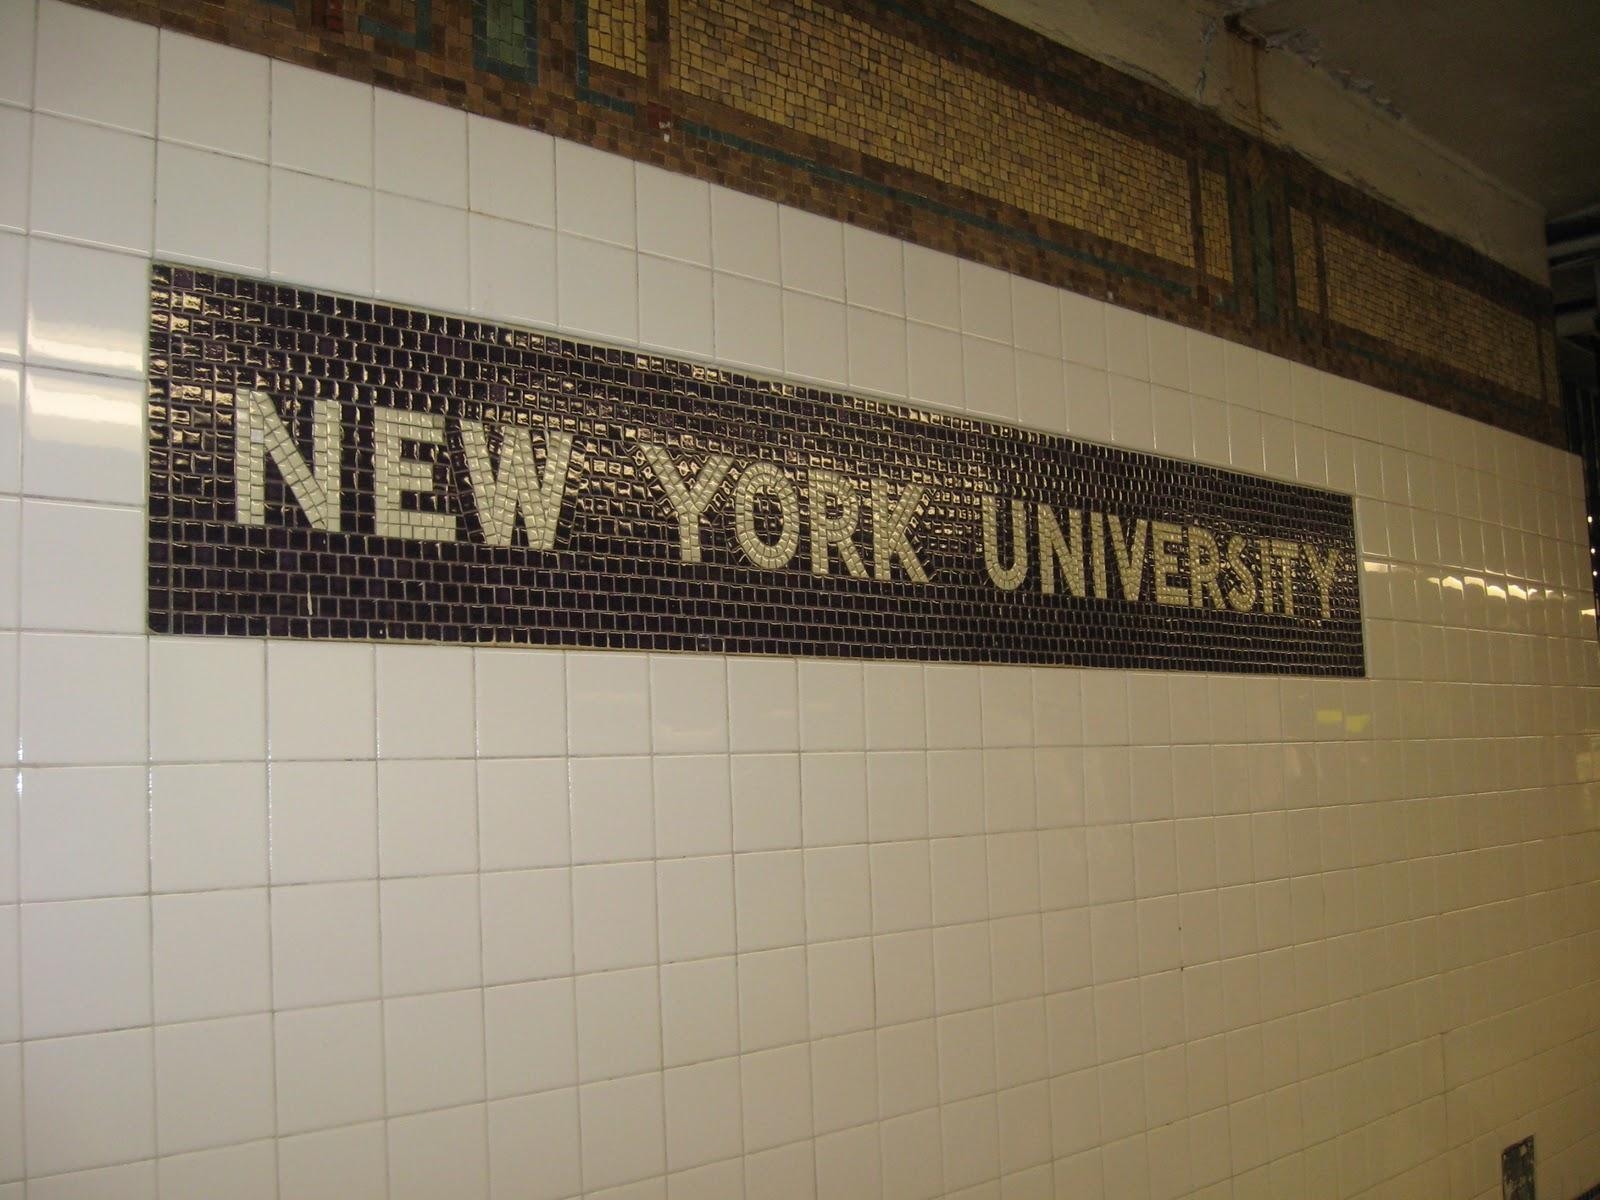 College Snapshots New York University